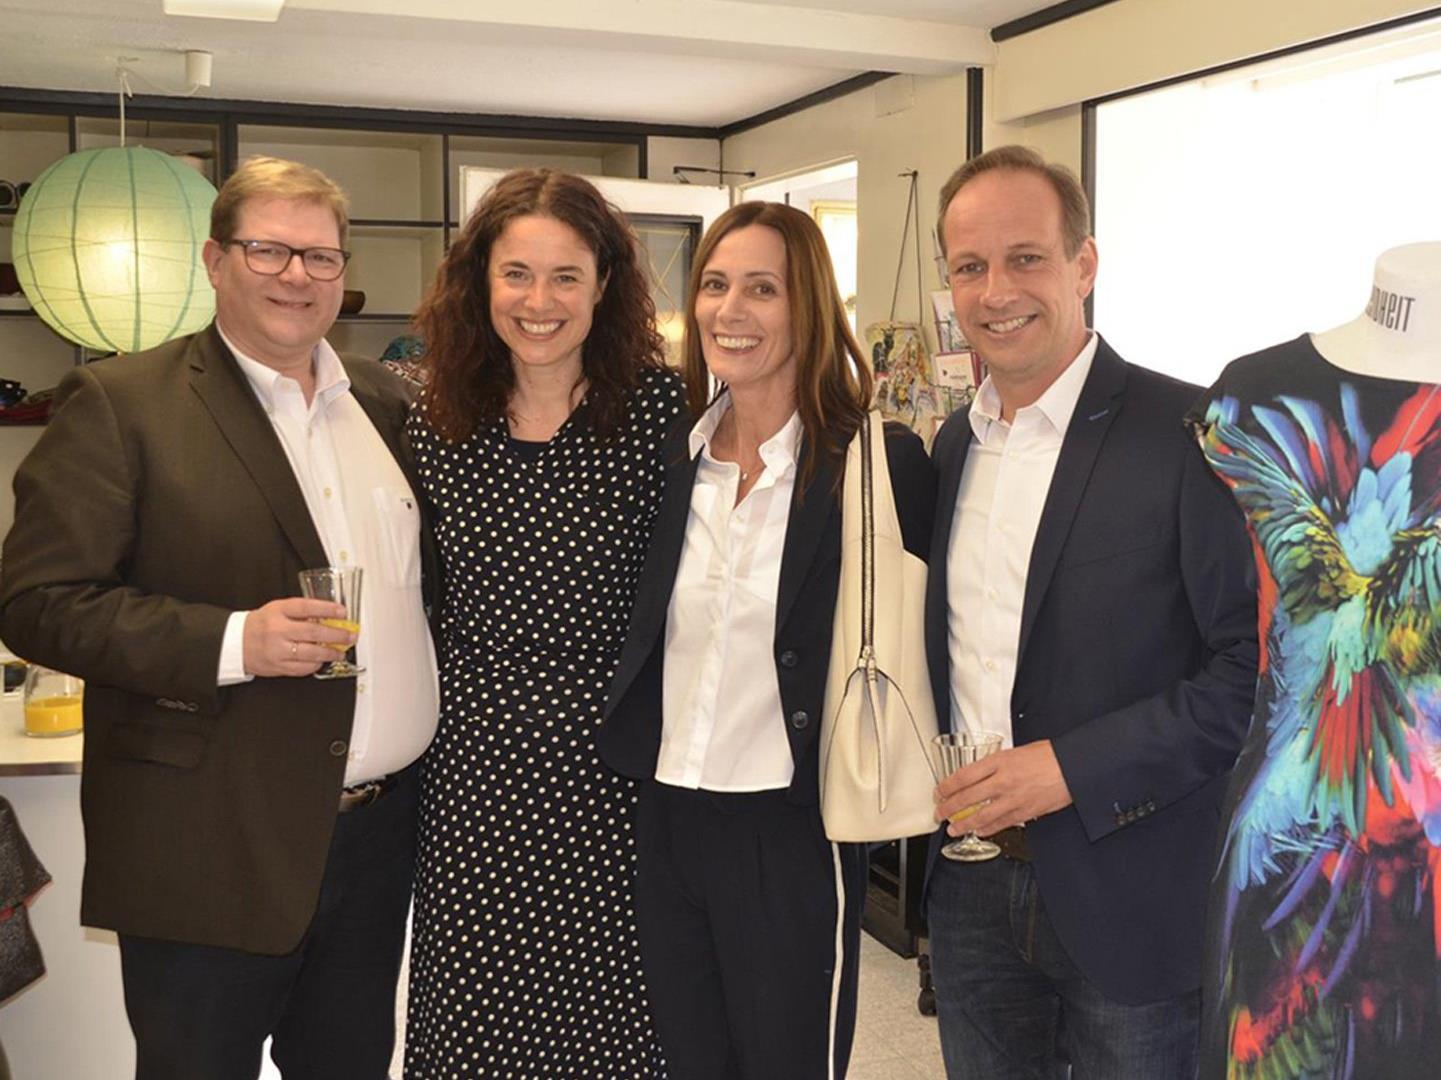 Bgm. Dieter und Gertraud Egger sowie StR. Arno Gächter (l.) gratulierten Susanne Bell (2.v.l.)